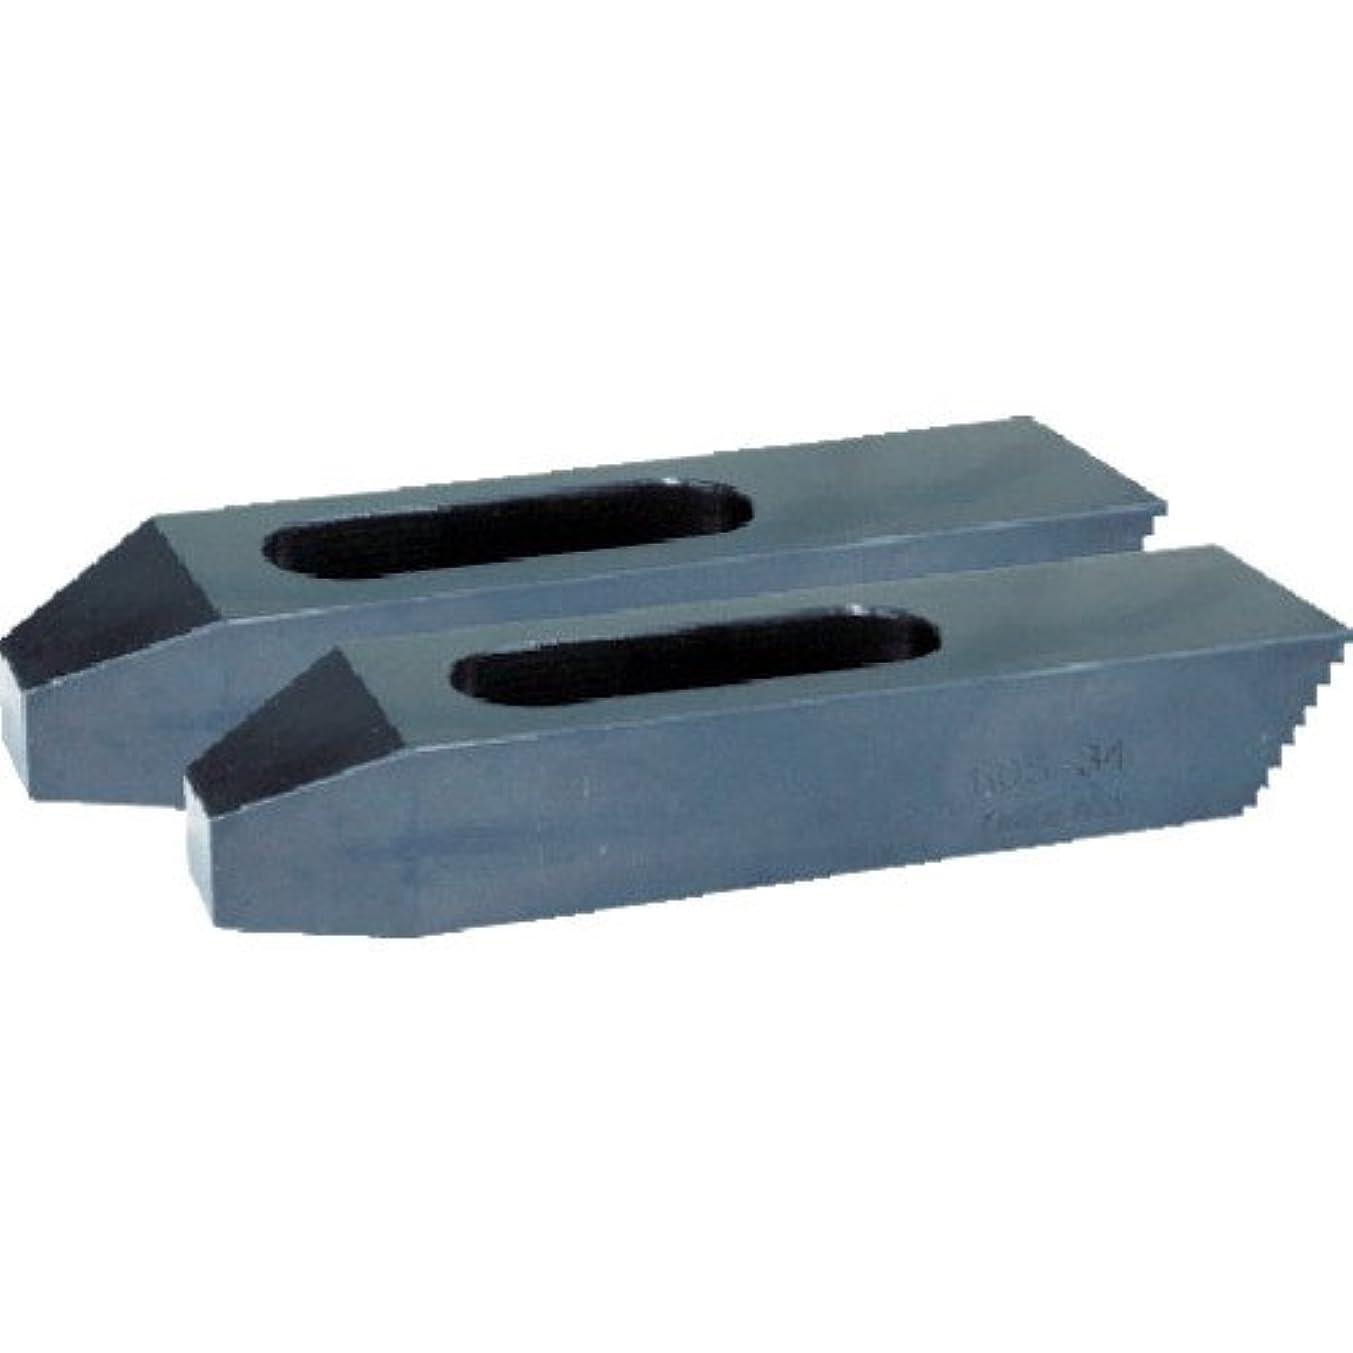 巻き戻す崇拝する道ニューストロング ステップクランプ 使用ボルト M16 全長100 40S-58